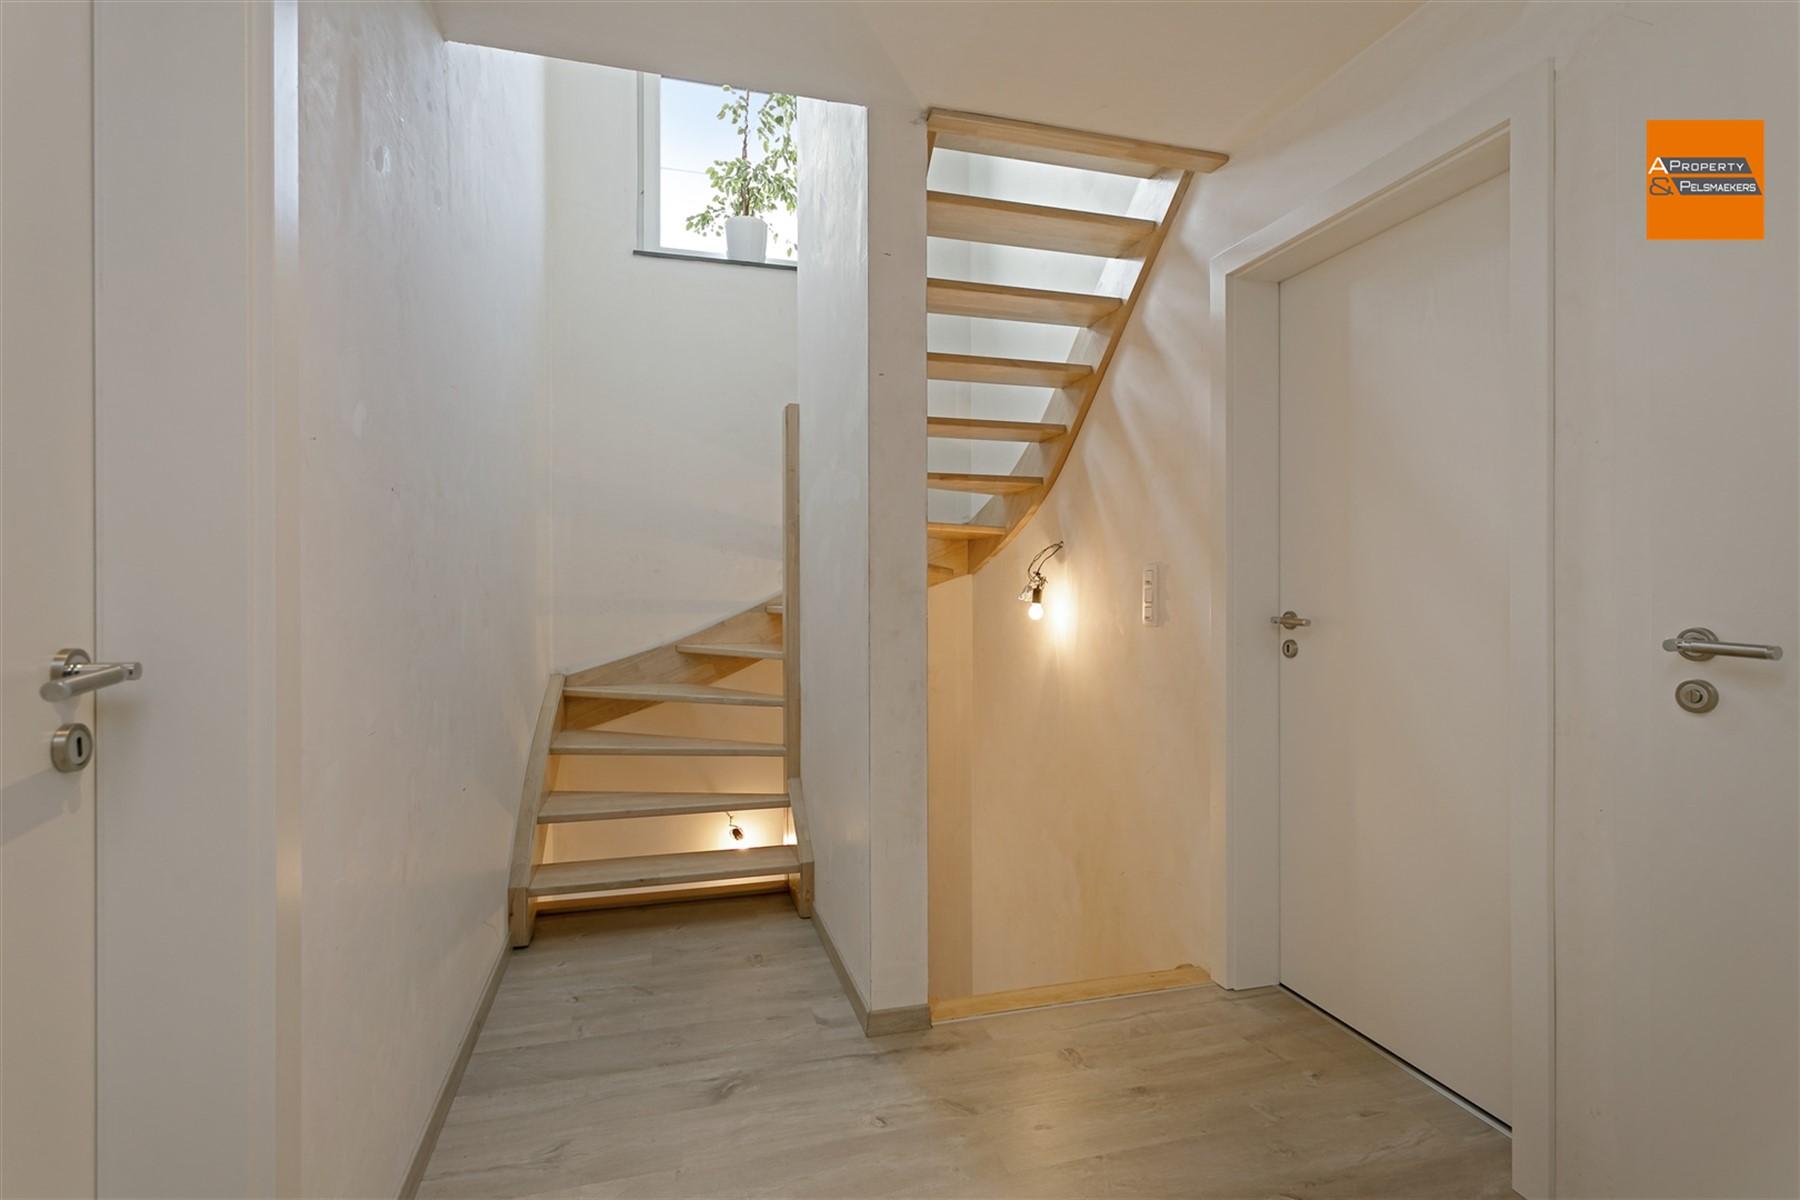 Foto 23 : Huis in 3071 ERPS-KWERPS (België) - Prijs € 650.000